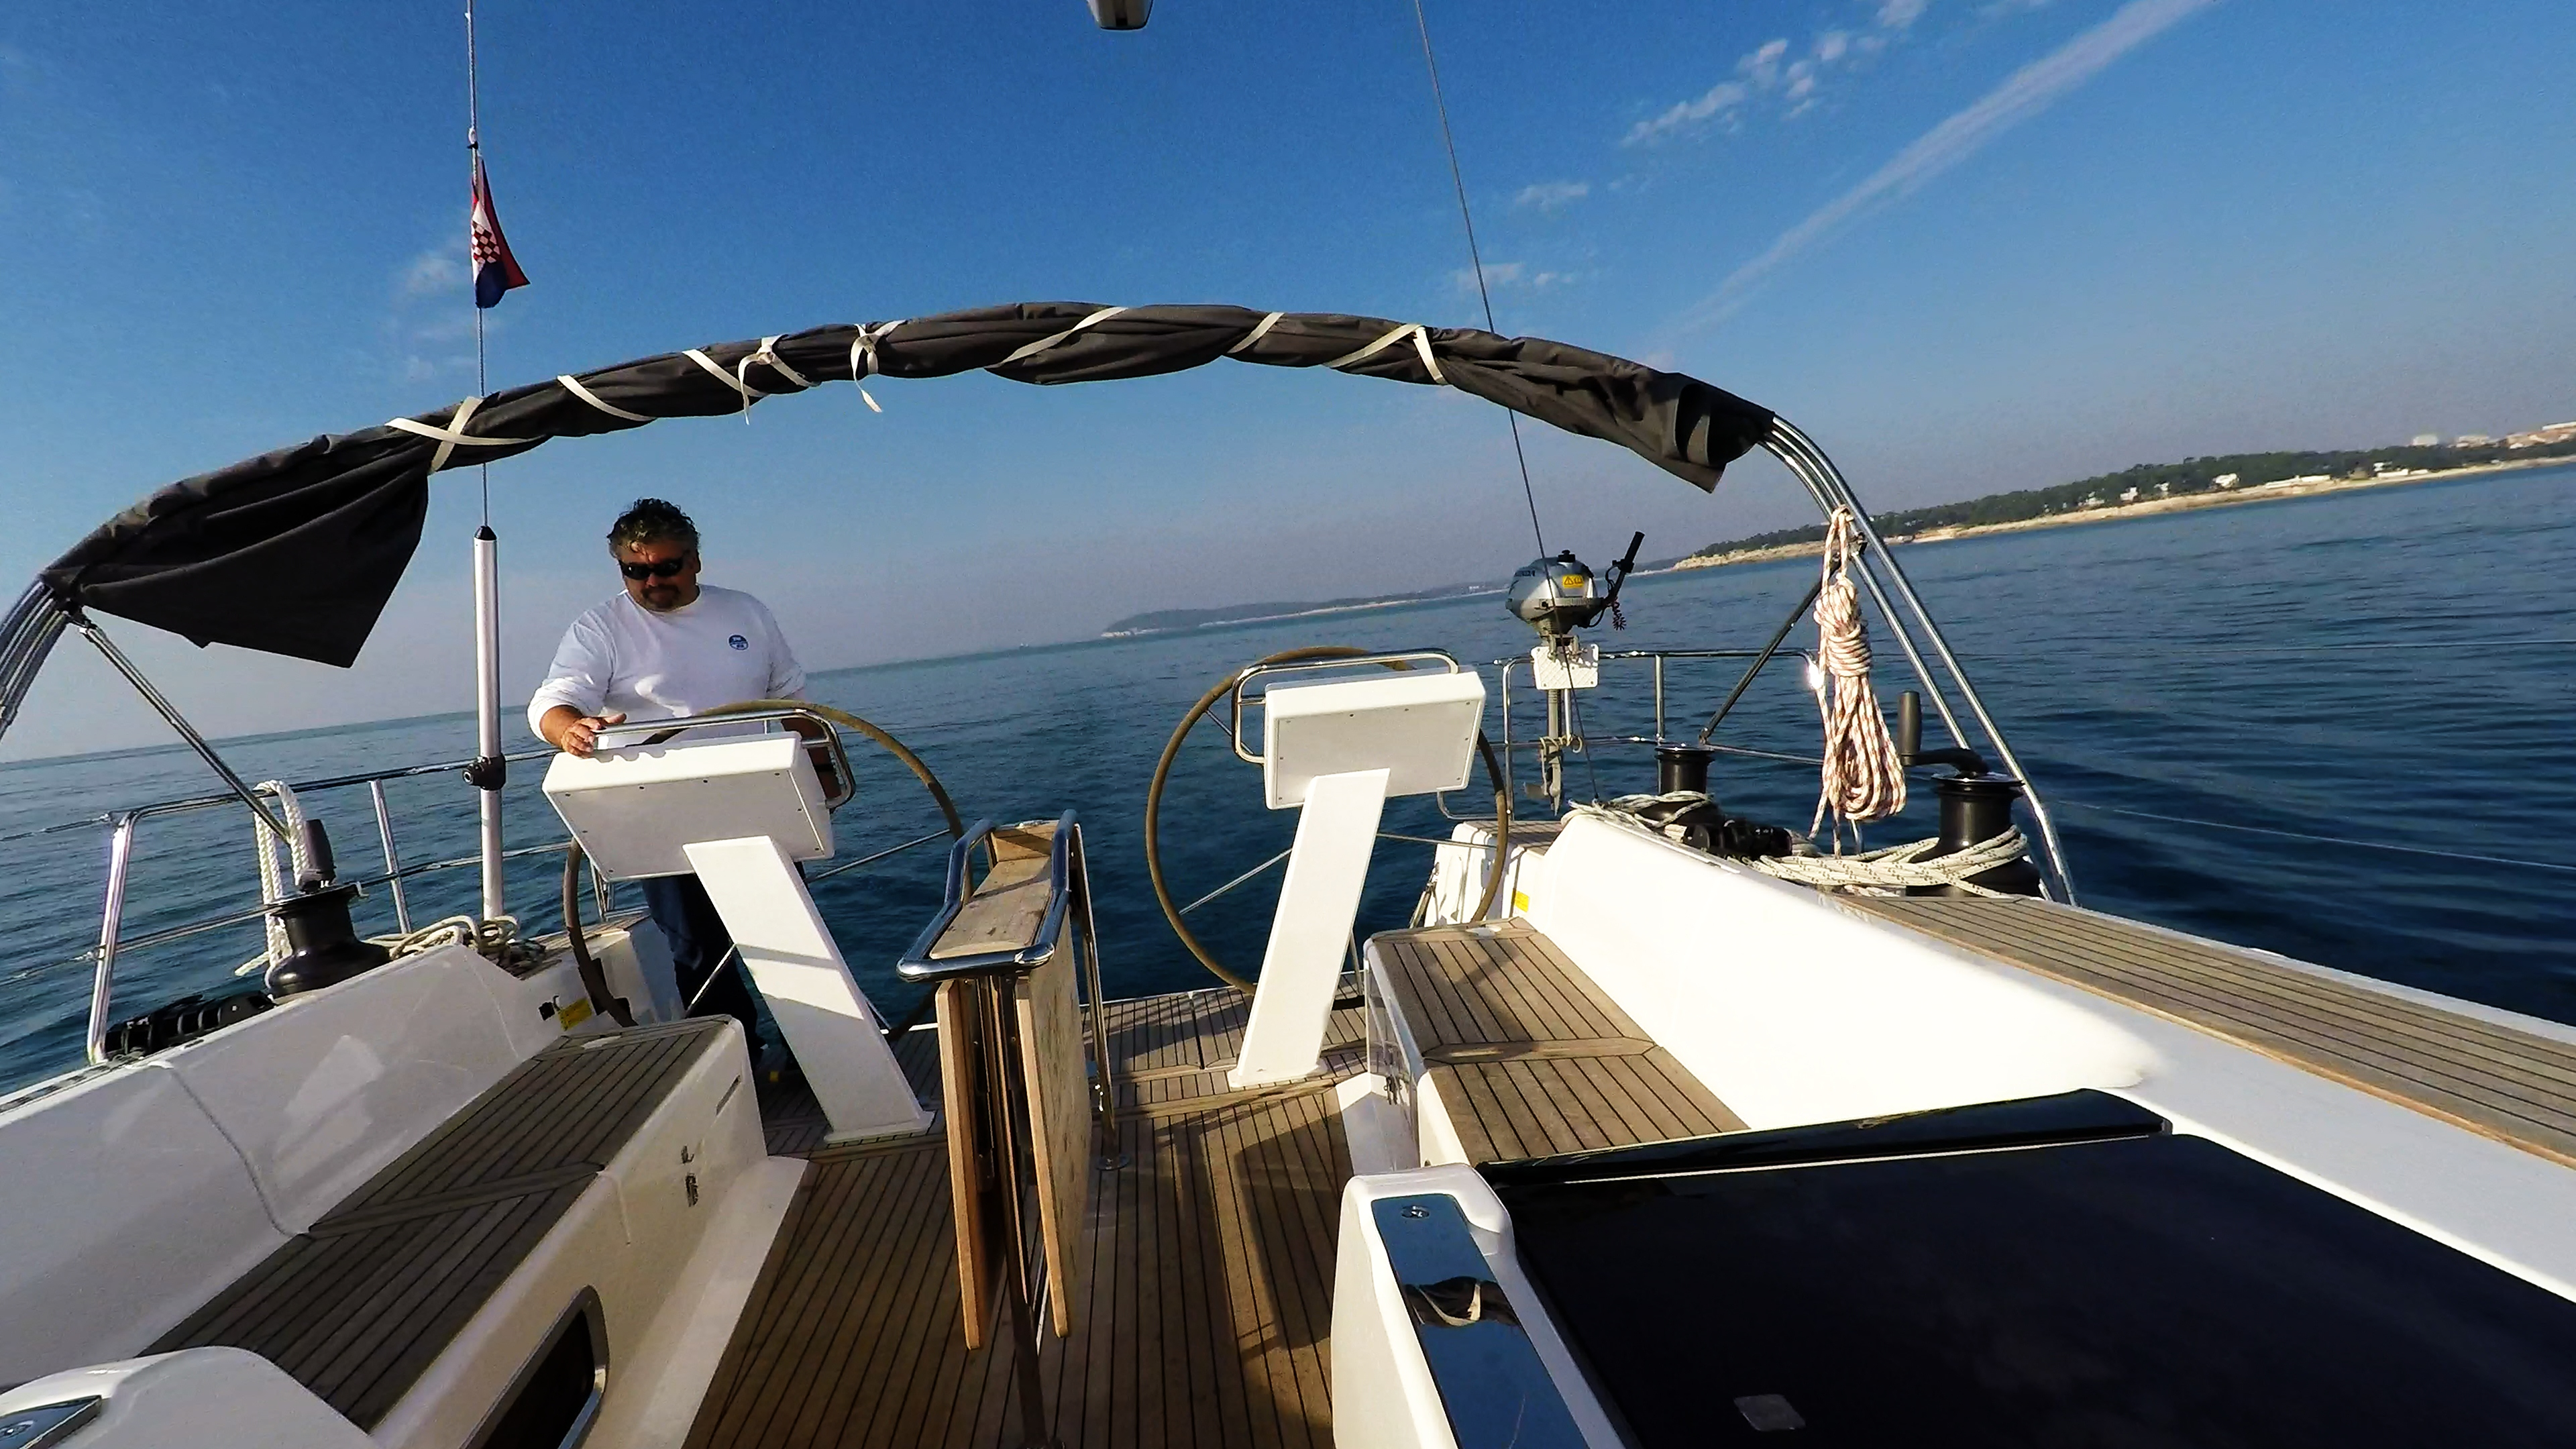 barcha a vela Hanse 505 barca a vela teak pozzetto doppie timoni ruota veleggiare